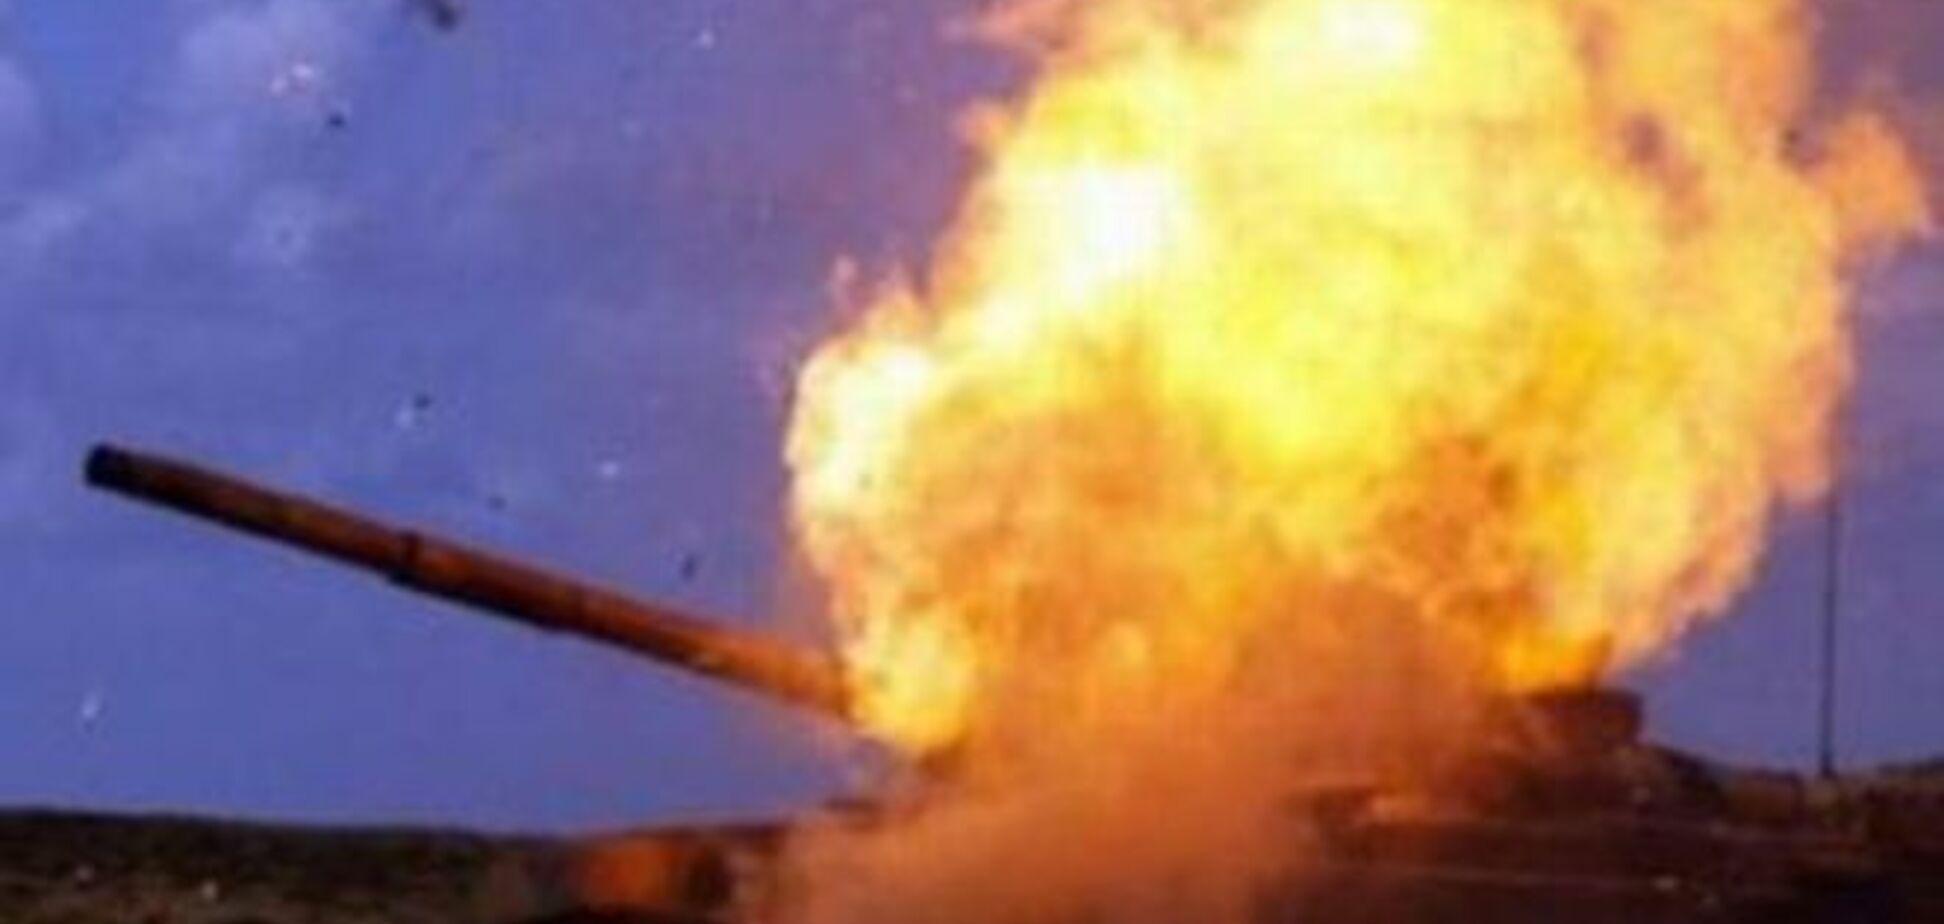 Не витримала: російська САУ спалахнула сама собою і вибухнула у військовому таборі в Ростові